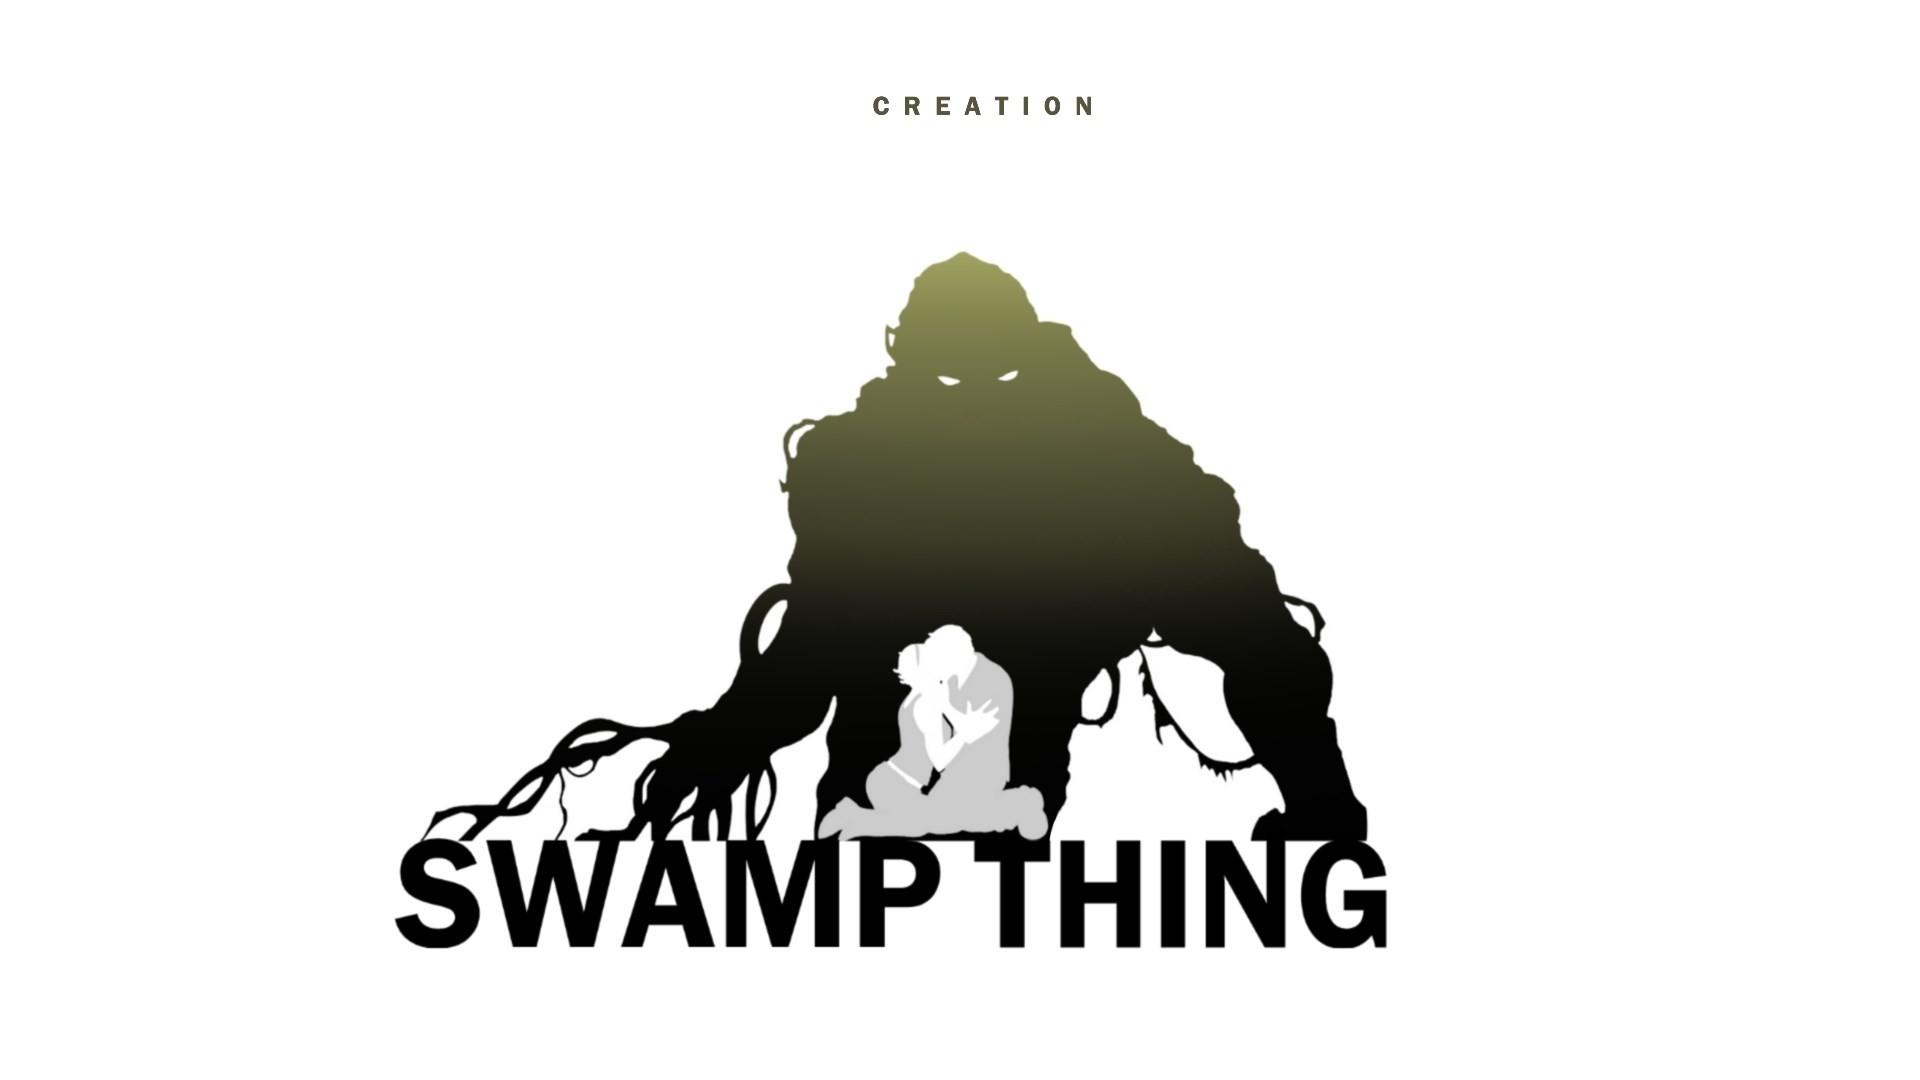 wallpaper images swamp thing, Orton Hardman 2017-03-24